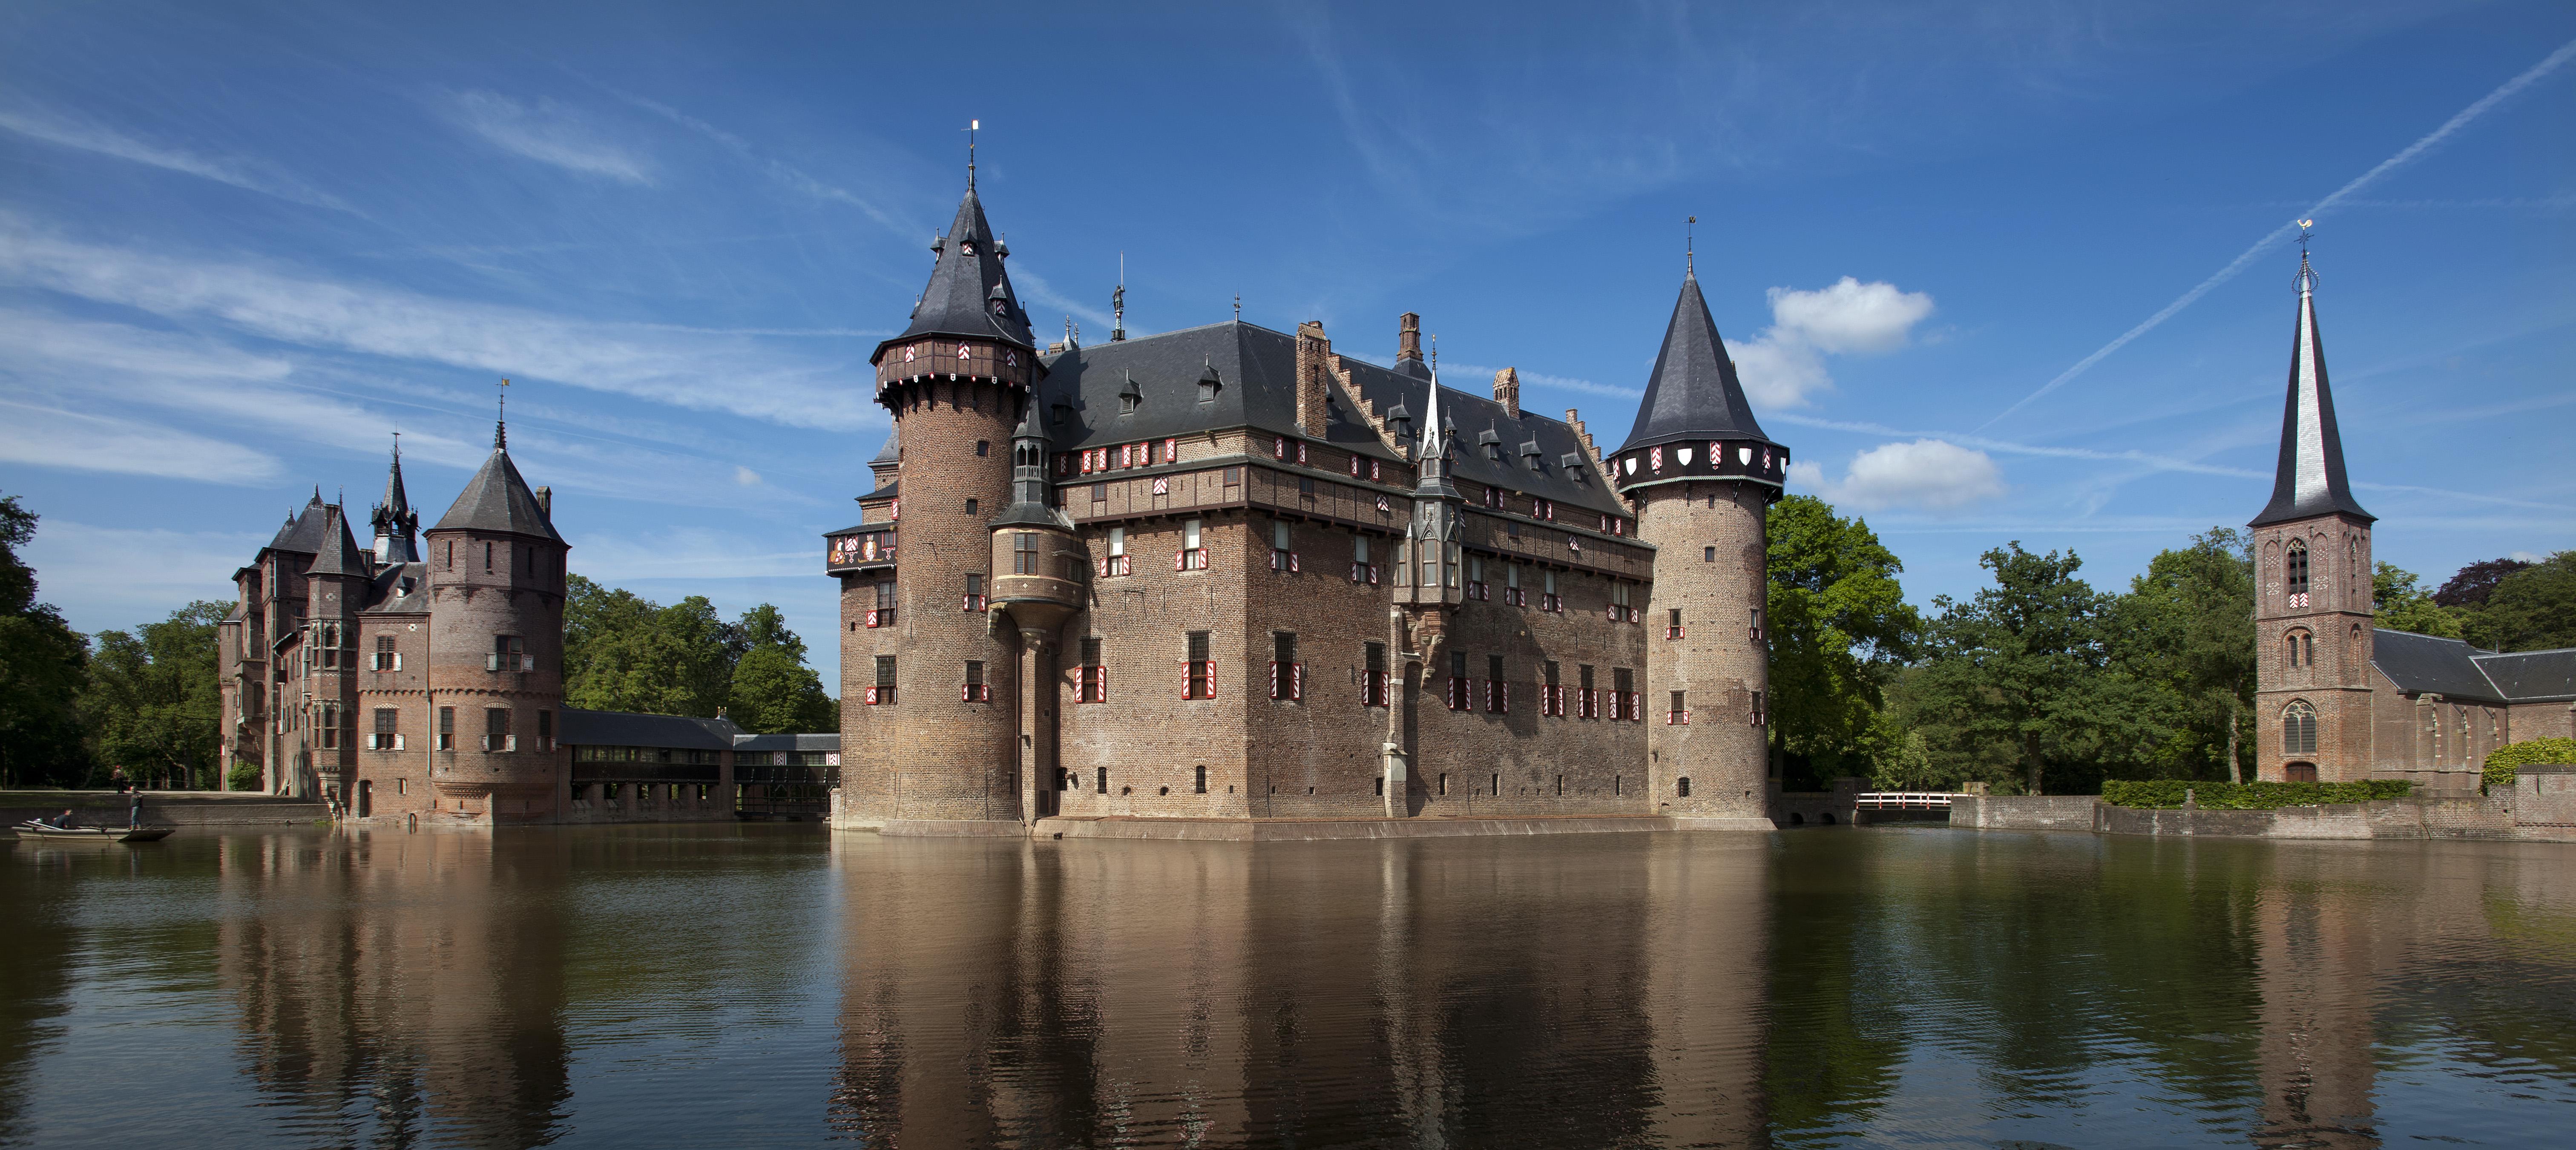 Nederlands Frans erfgoed in beeld bij tourstart ~ De Erfgoedstem